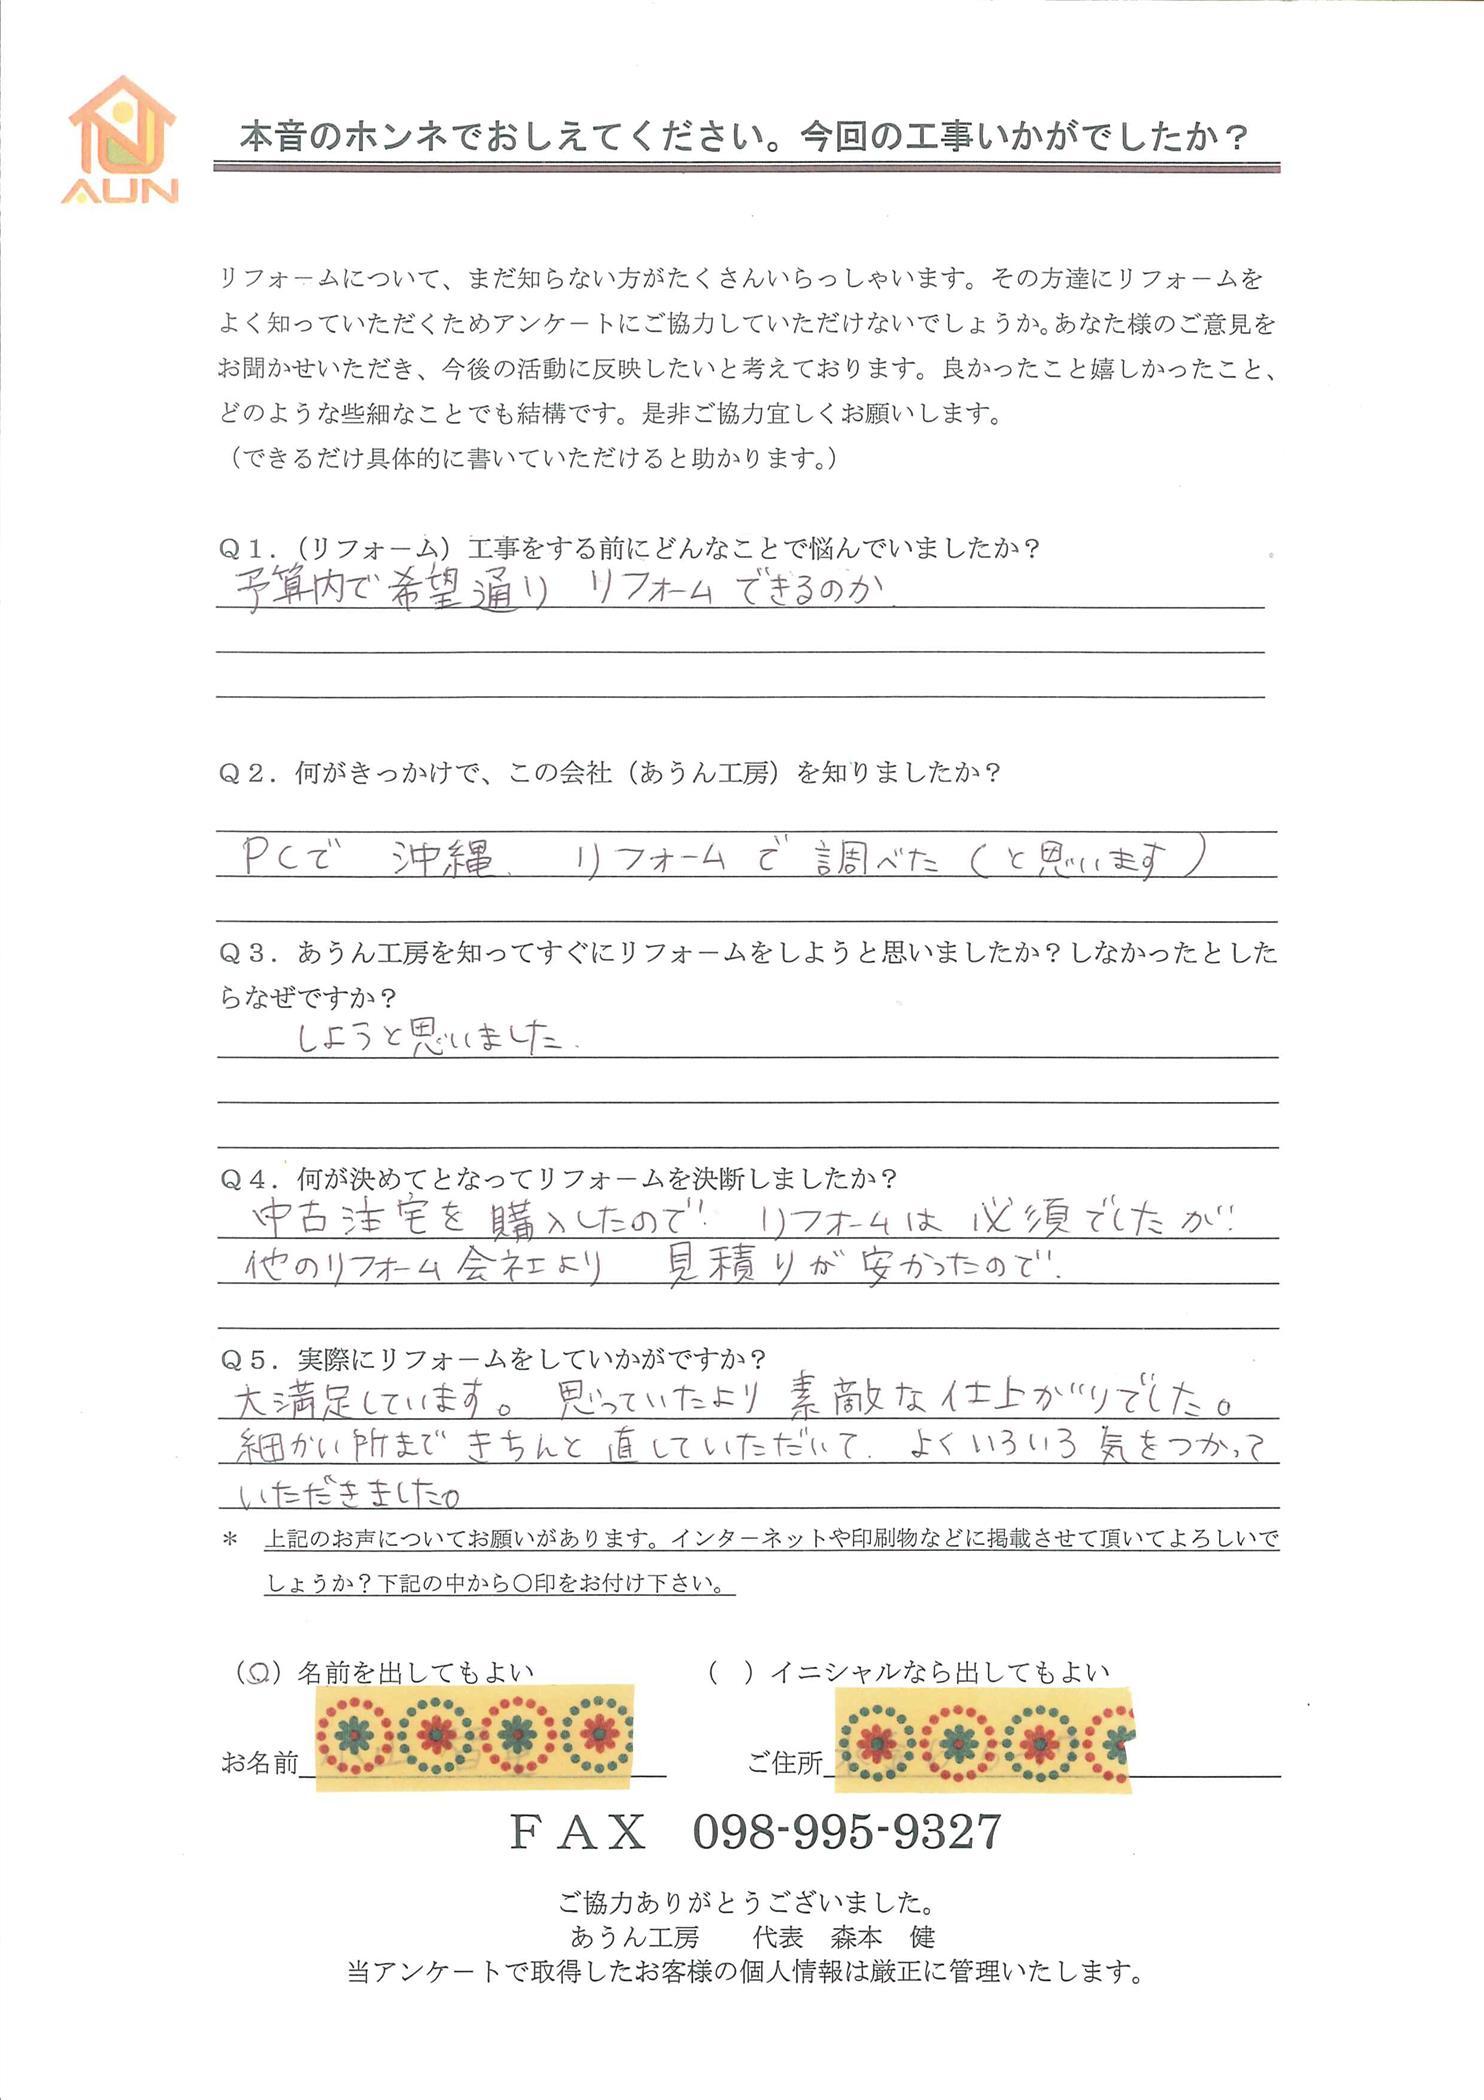 沖縄・那覇のリフォーム 実際のアンケートの画像:大満足しています。